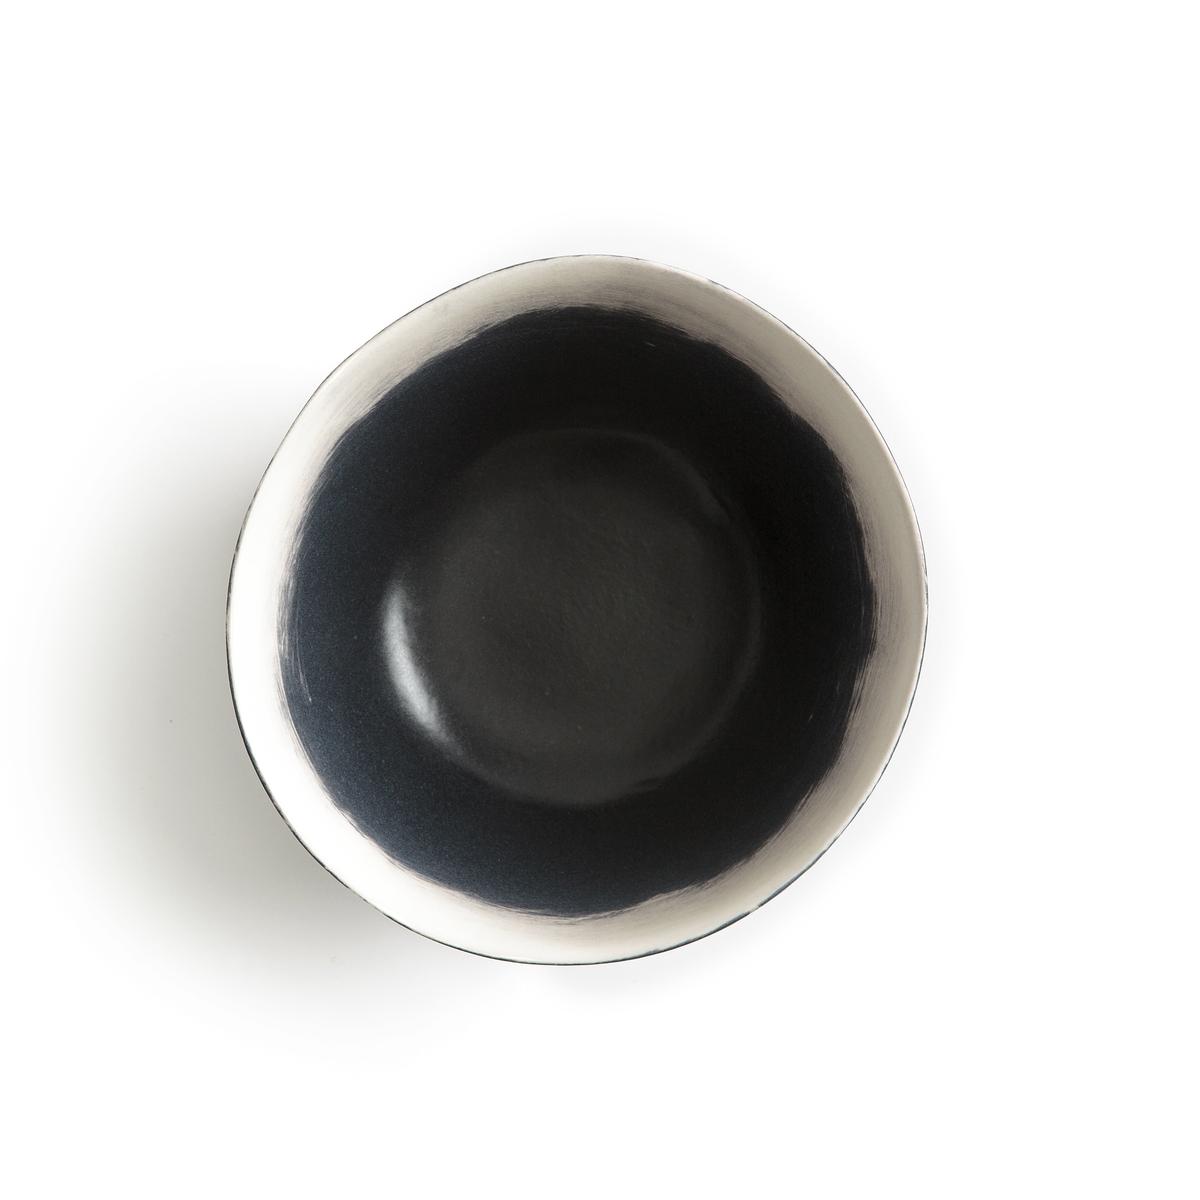 Комплект из 4 чашек из фаянса, Asakan, дизайн В. Барковски